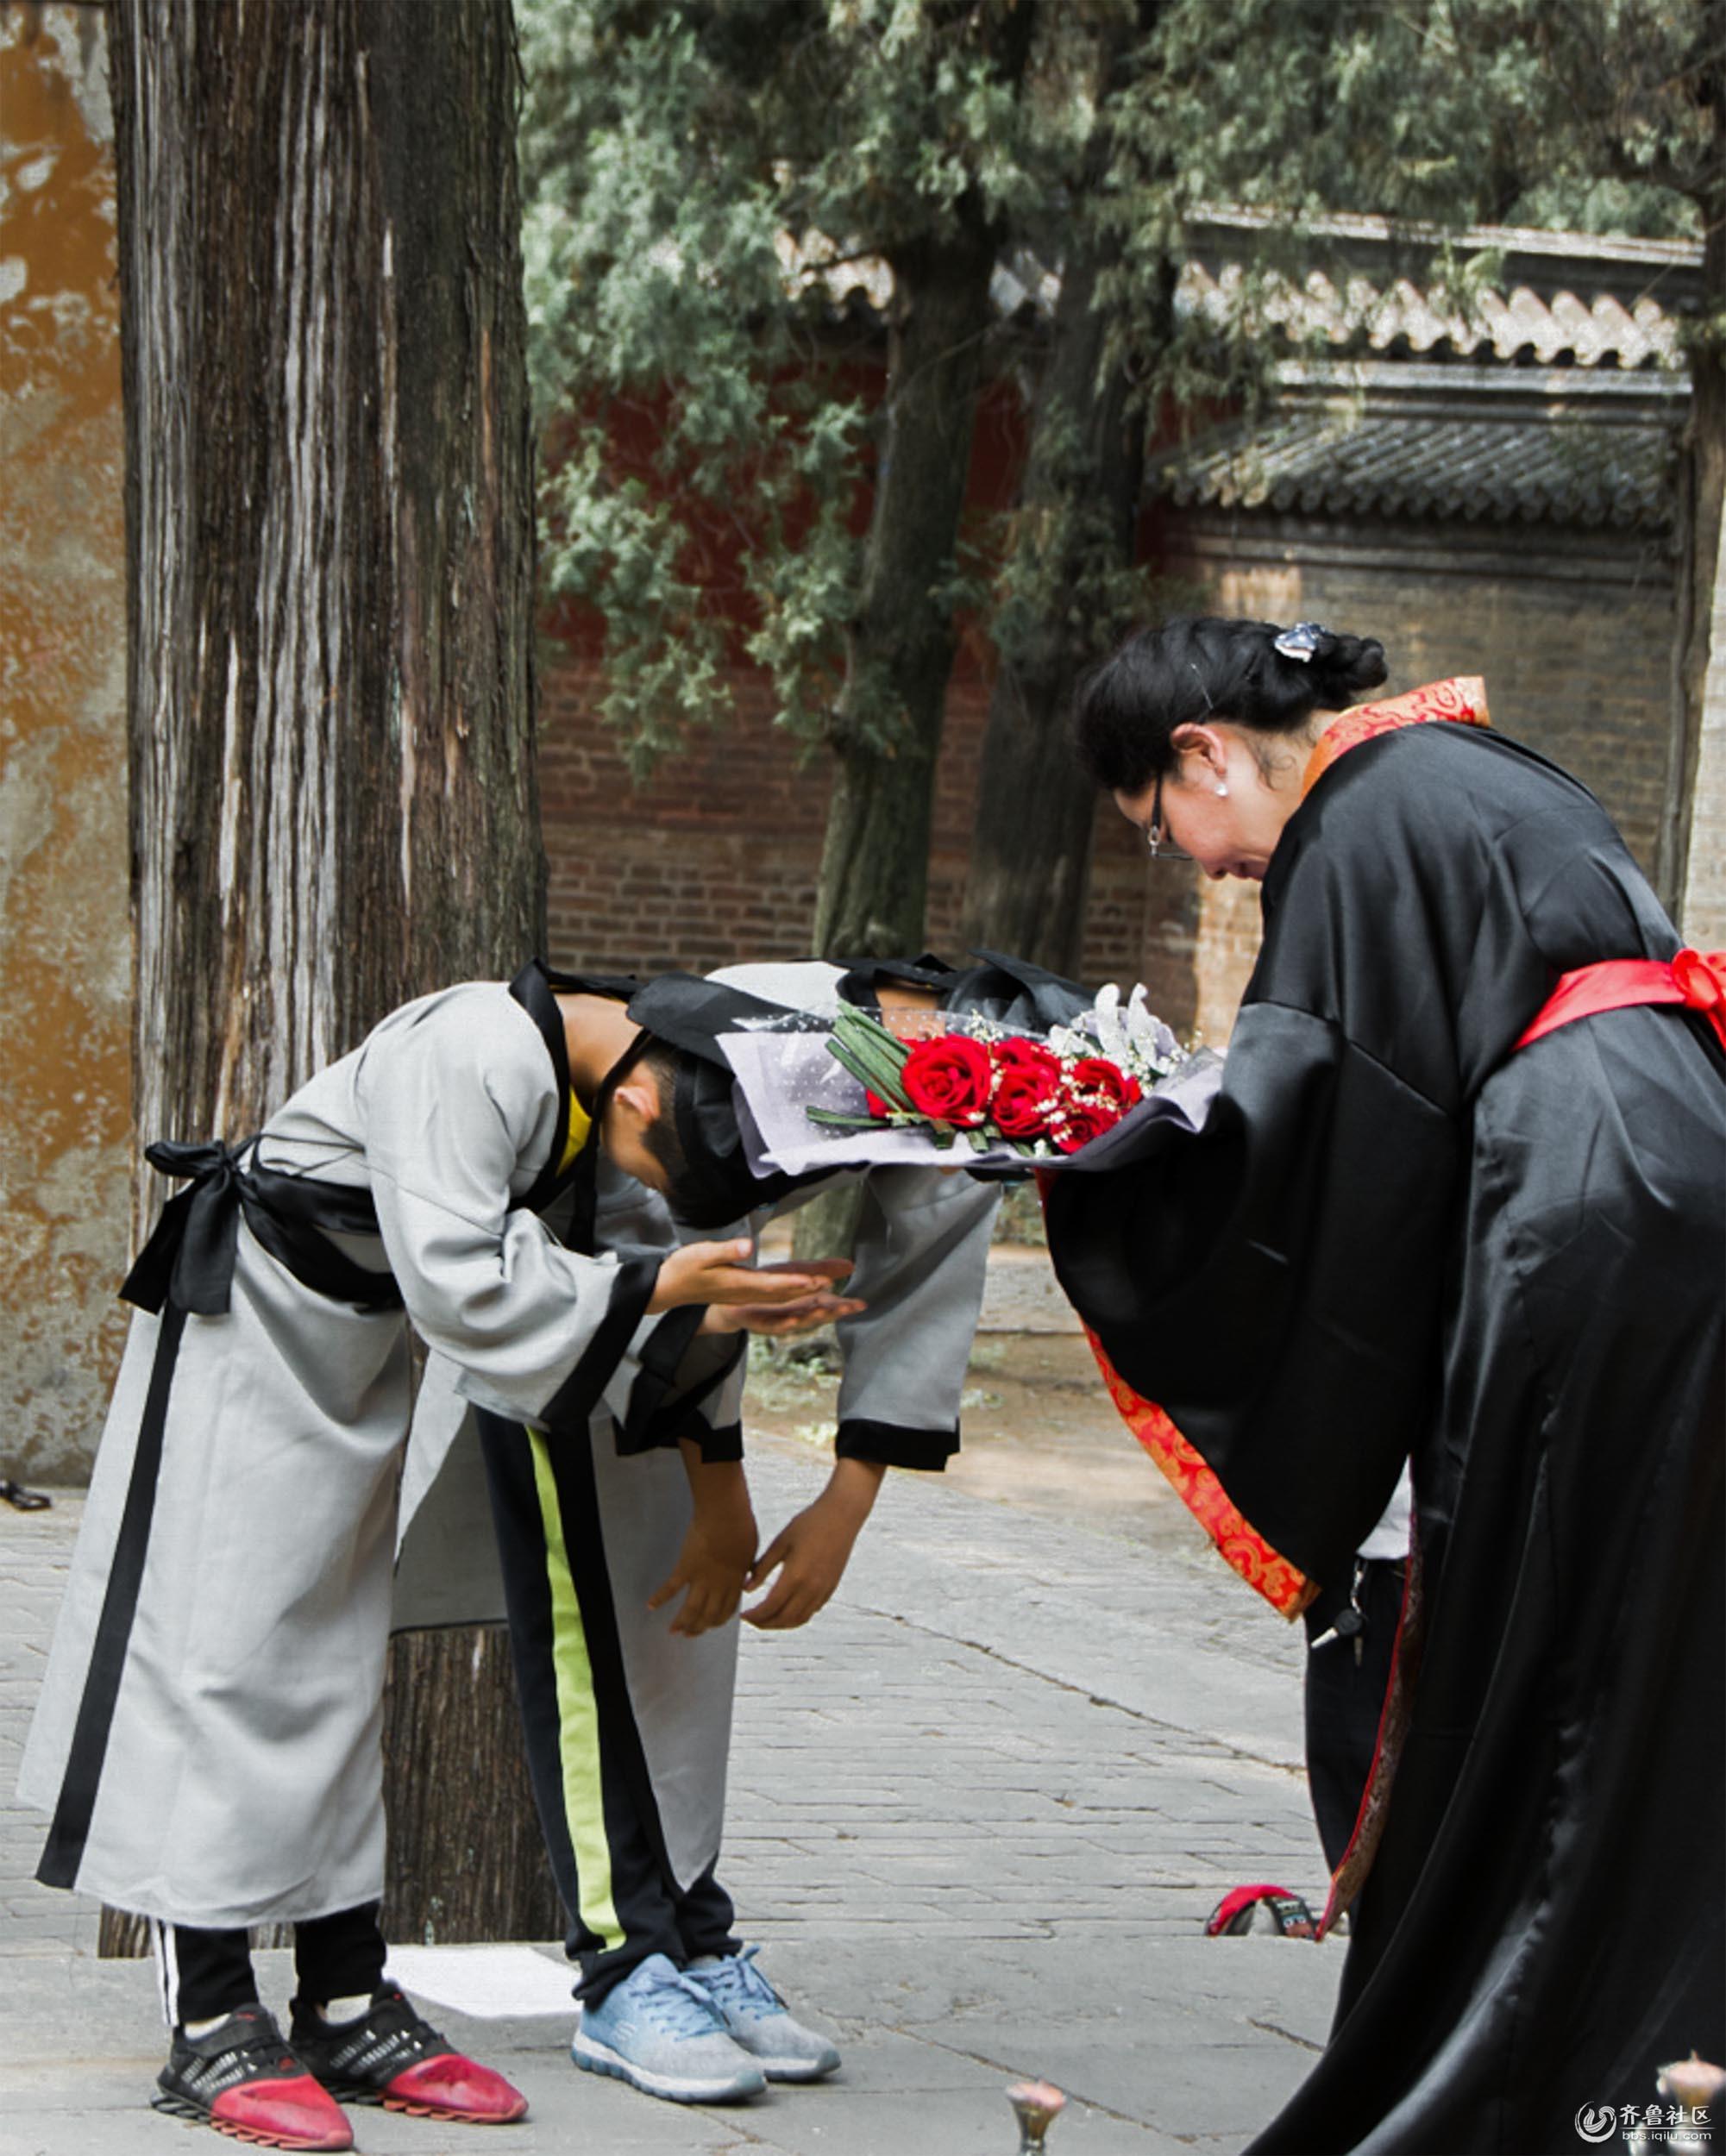 6、敬师,学生代表向老师献花,献上自己的诚意,不忘师恩。